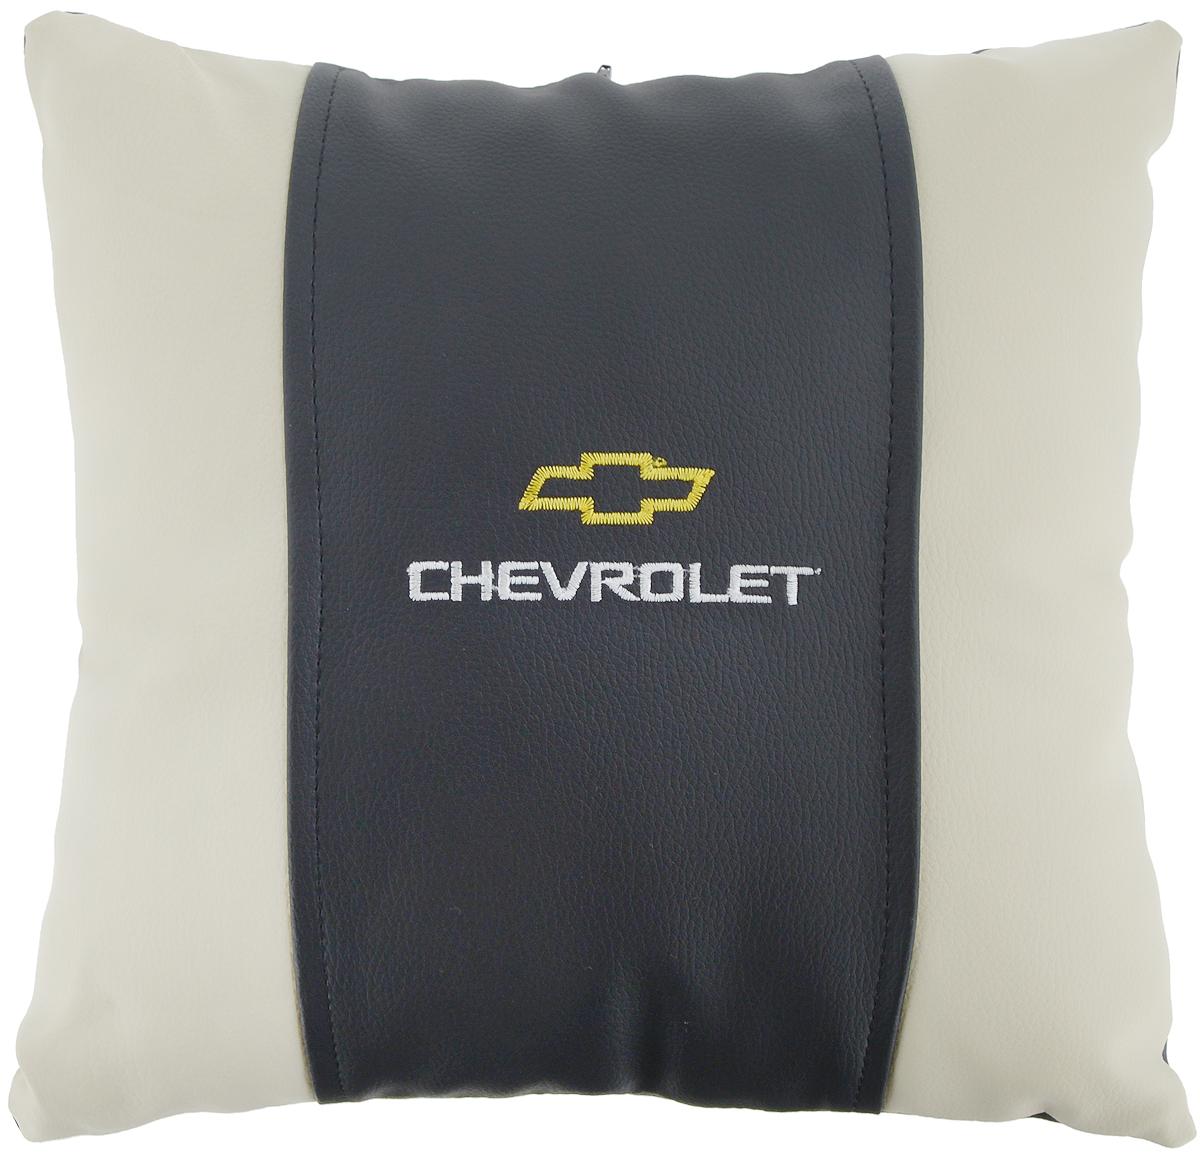 Подушка на сиденье Autoparts Chevrolet, 30 х 30 смМ046Подушка на сиденье Autoparts Chevrolet создана для тех, кто весь свой день вынужден проводить за рулем. Чехол выполнен из высококачественной дышащей экокожи. Наполнителем служит холлофайбер. На задней части подушки имеется змейка. Особенности подушки: - Хорошо проветривается. - Предупреждает потение. - Поддерживает комфортную температуру. - Обминается по форме тела. - Улучшает кровообращение. - Исключает затечные явления. - Предупреждает развитие заболеваний, связанных с сидячим образом жизни. Подушка также будет полезна и дома - при работе за компьютером, школьникам - при выполнении домашних работ, да и в любимом кресле перед телевизором.